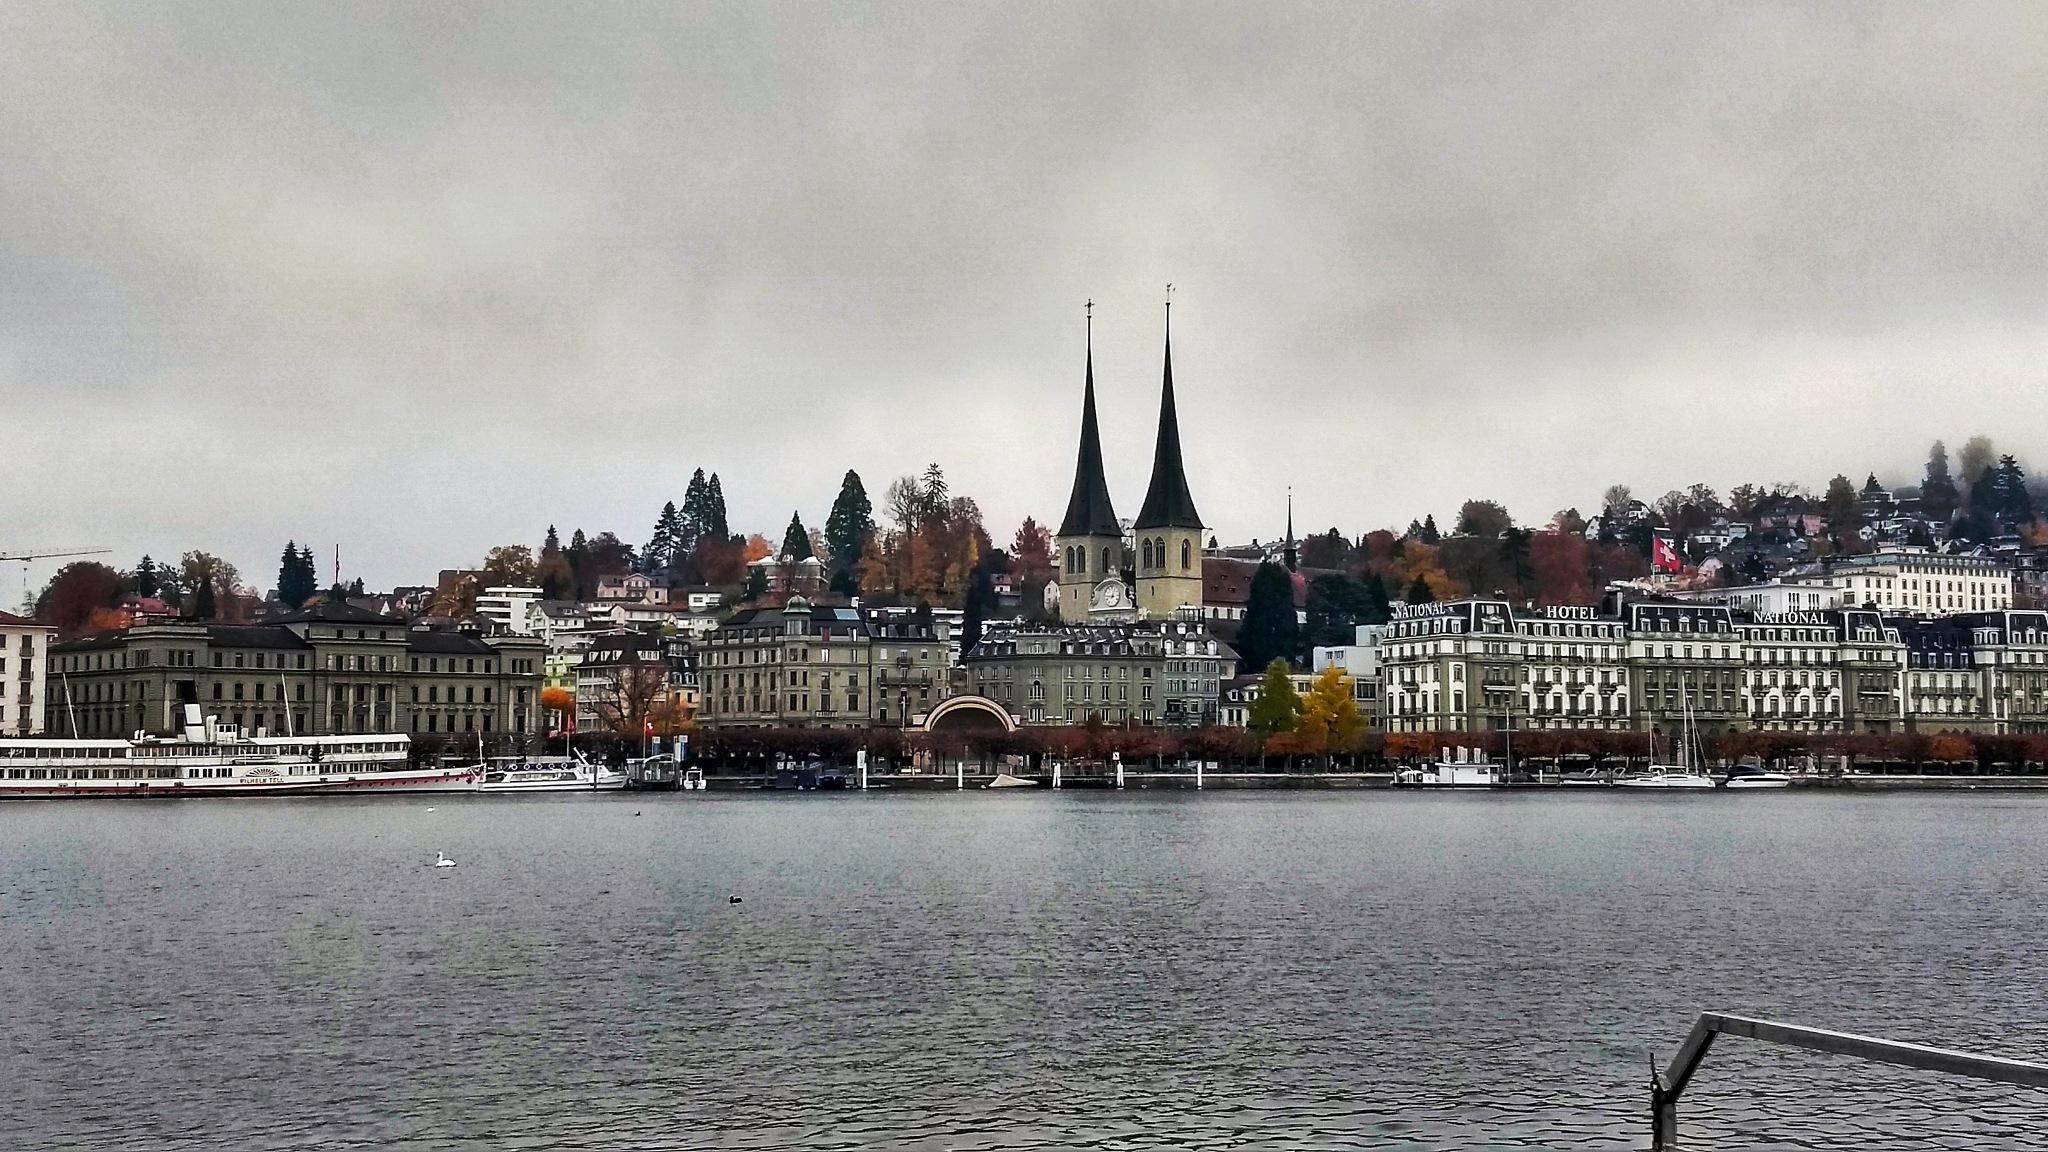 Cloudy day @ Luzern, Switzerland by Anusha Vasireddy